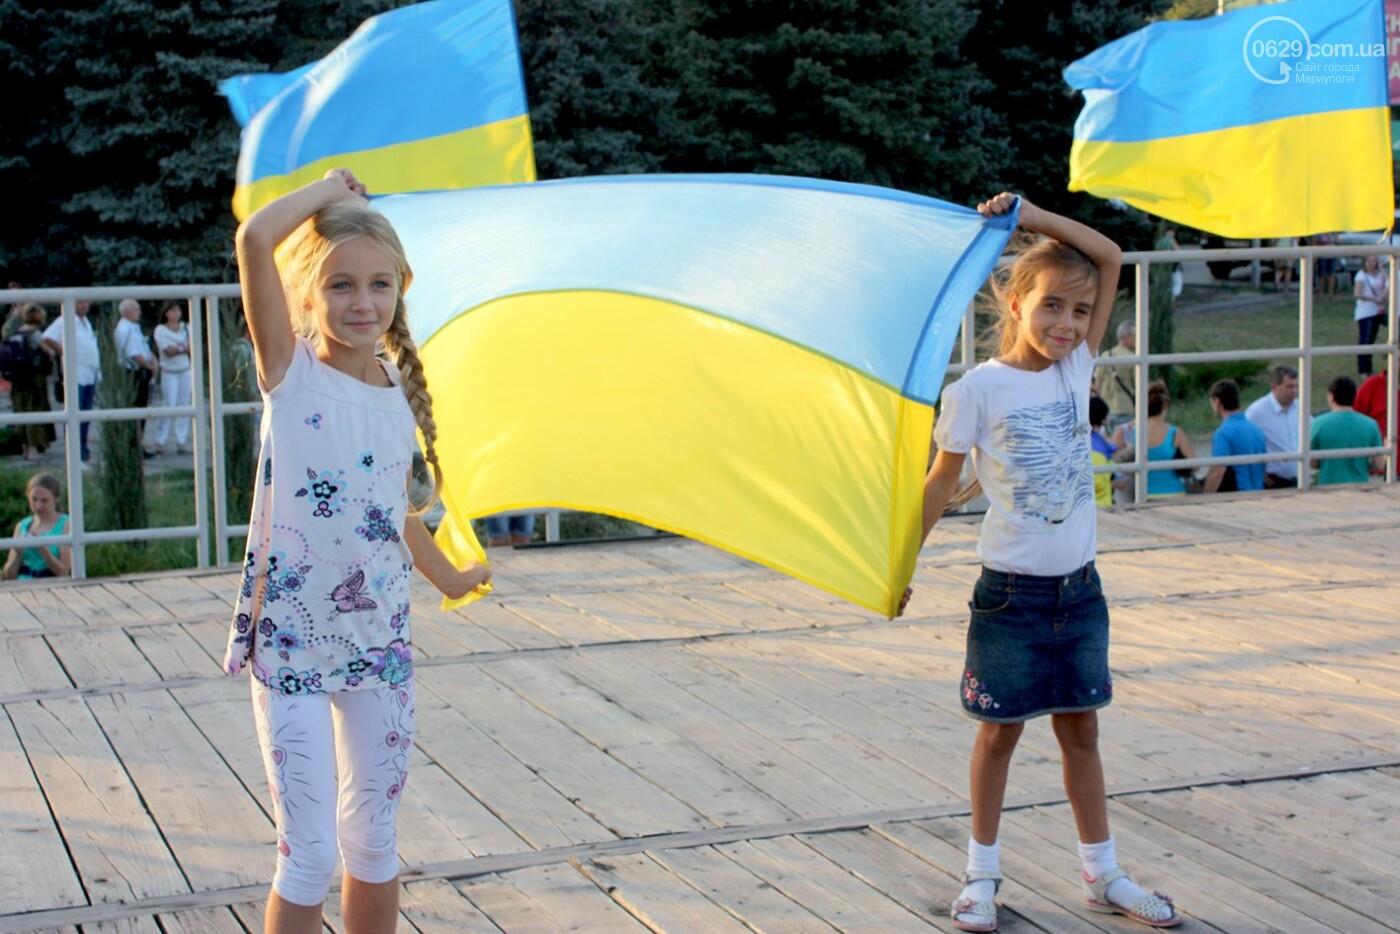 Юрий Тернавский поздравил мариупольцев с 27-летием Независимости Украины, фото-4